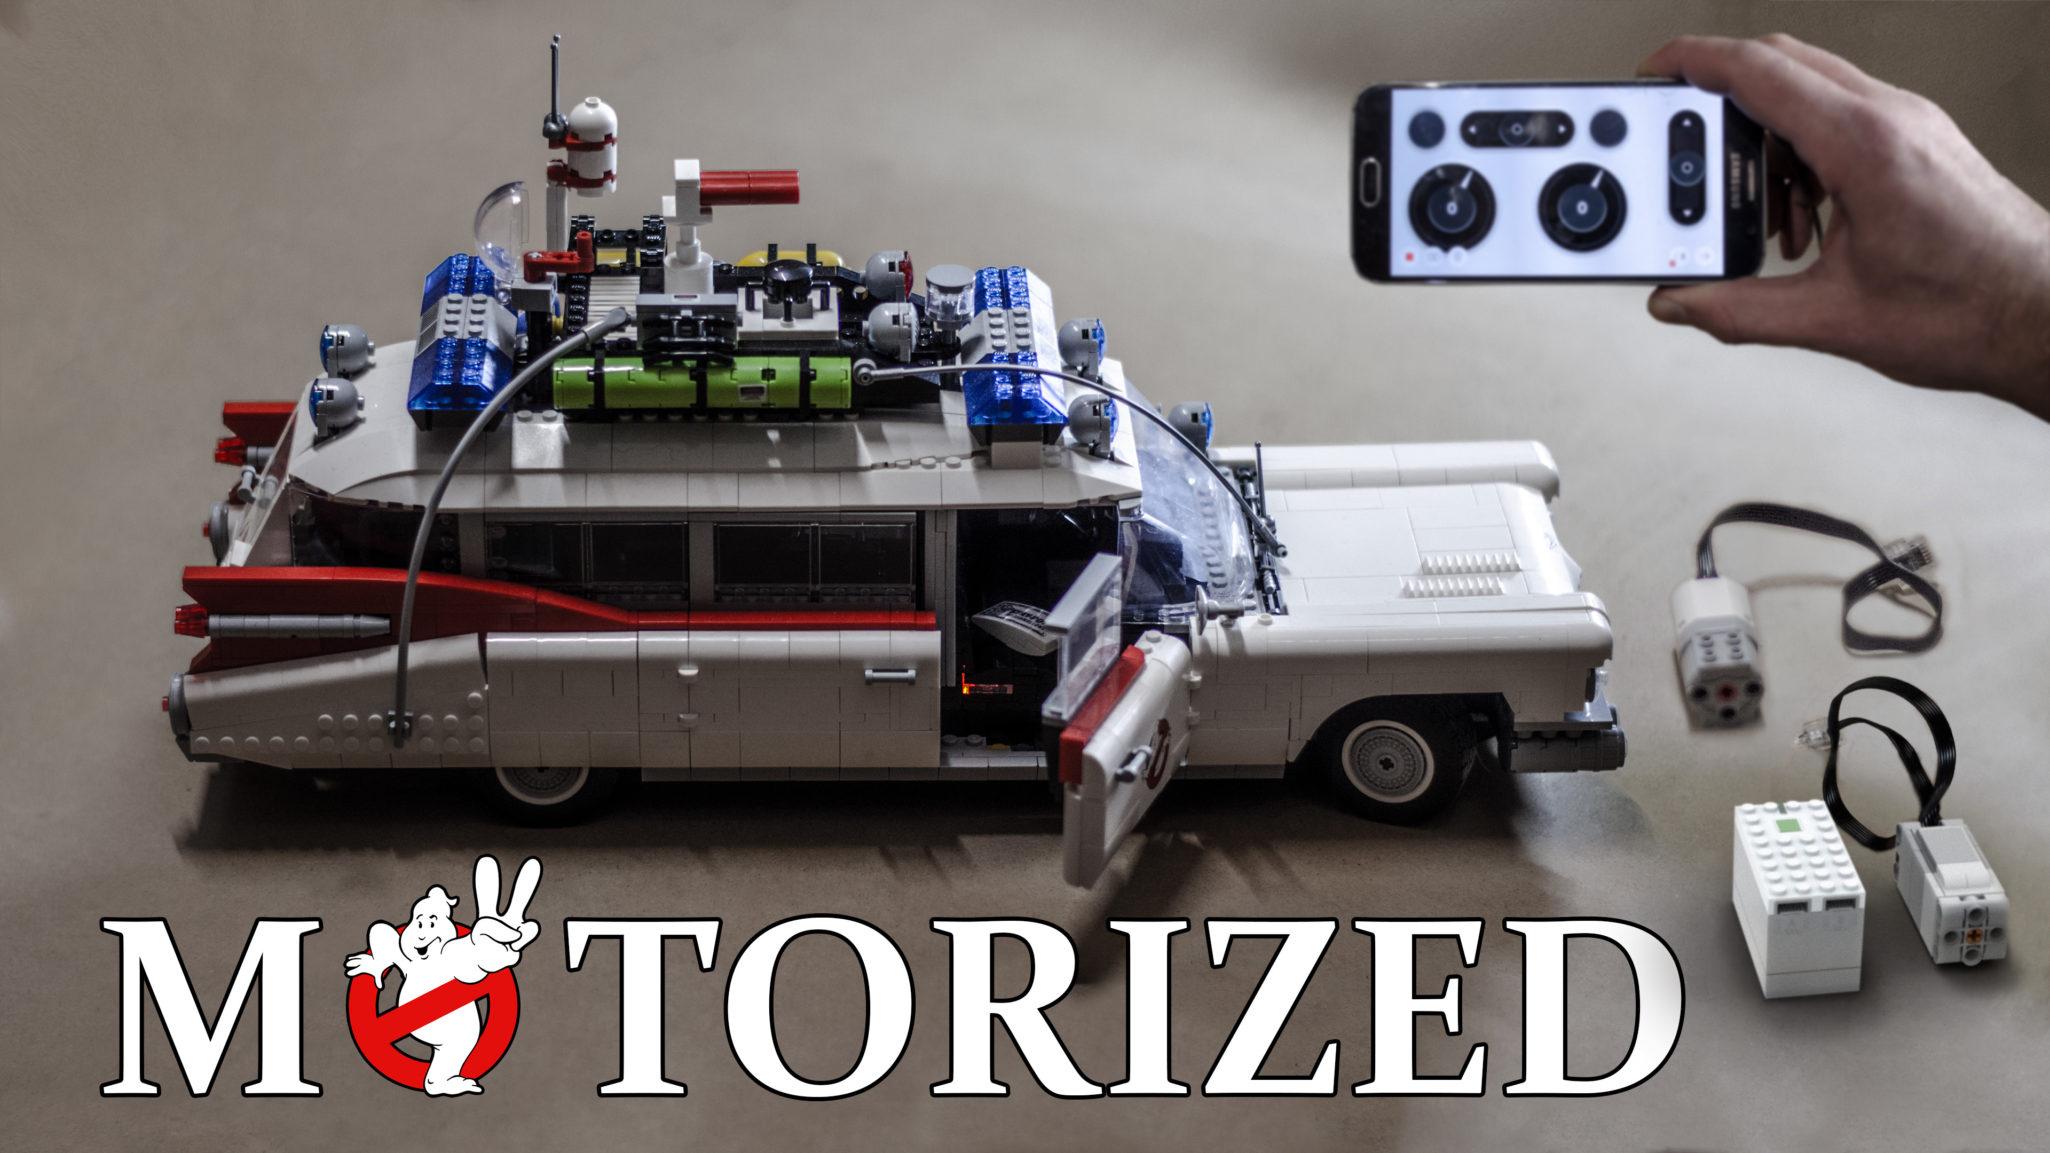 10274-Lego-Ecto-1-motorization-motorized-rc